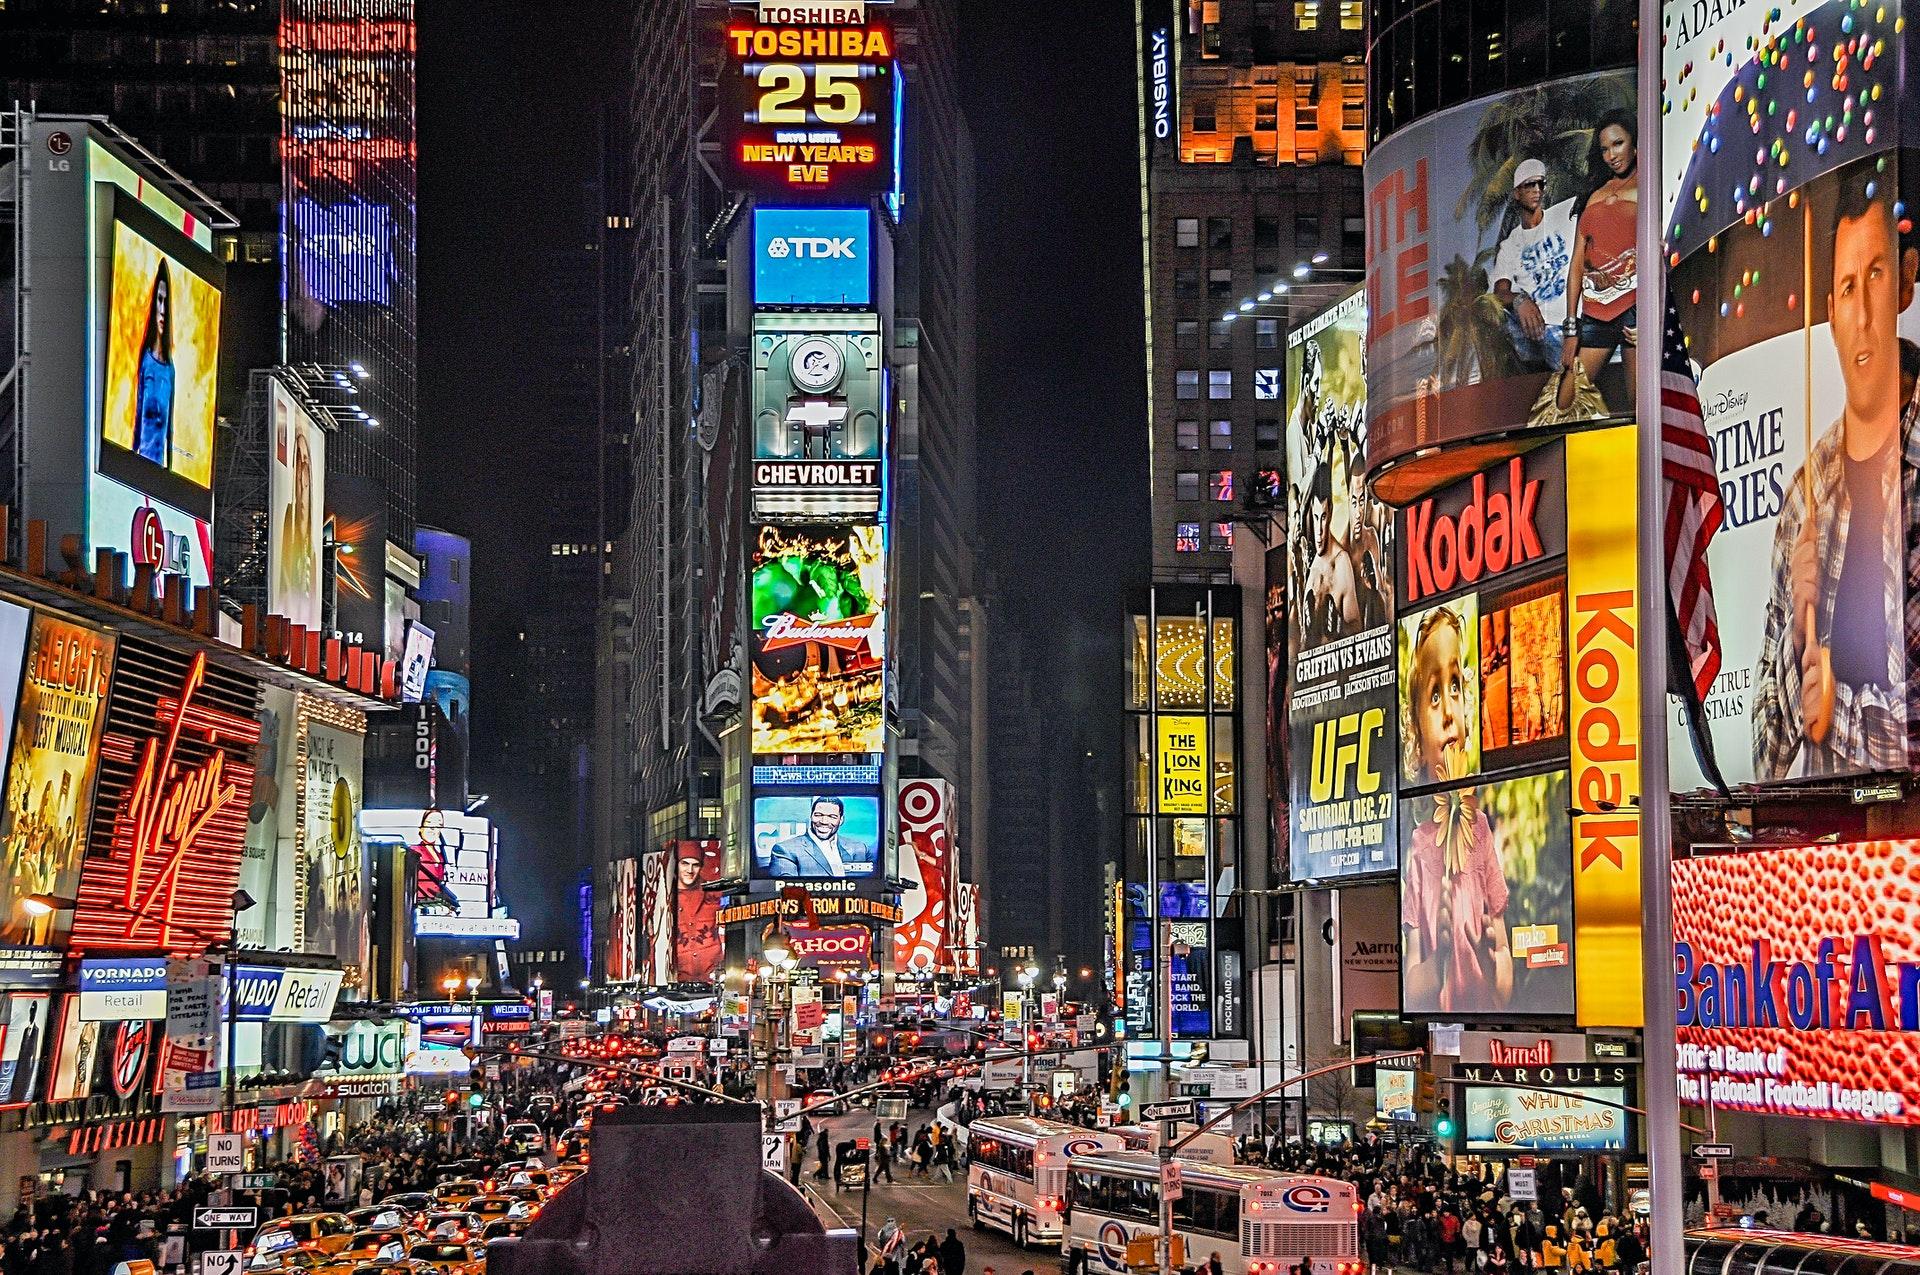 Times Square, em Nova York, Estados Unidos. (Fonte: Pexels)